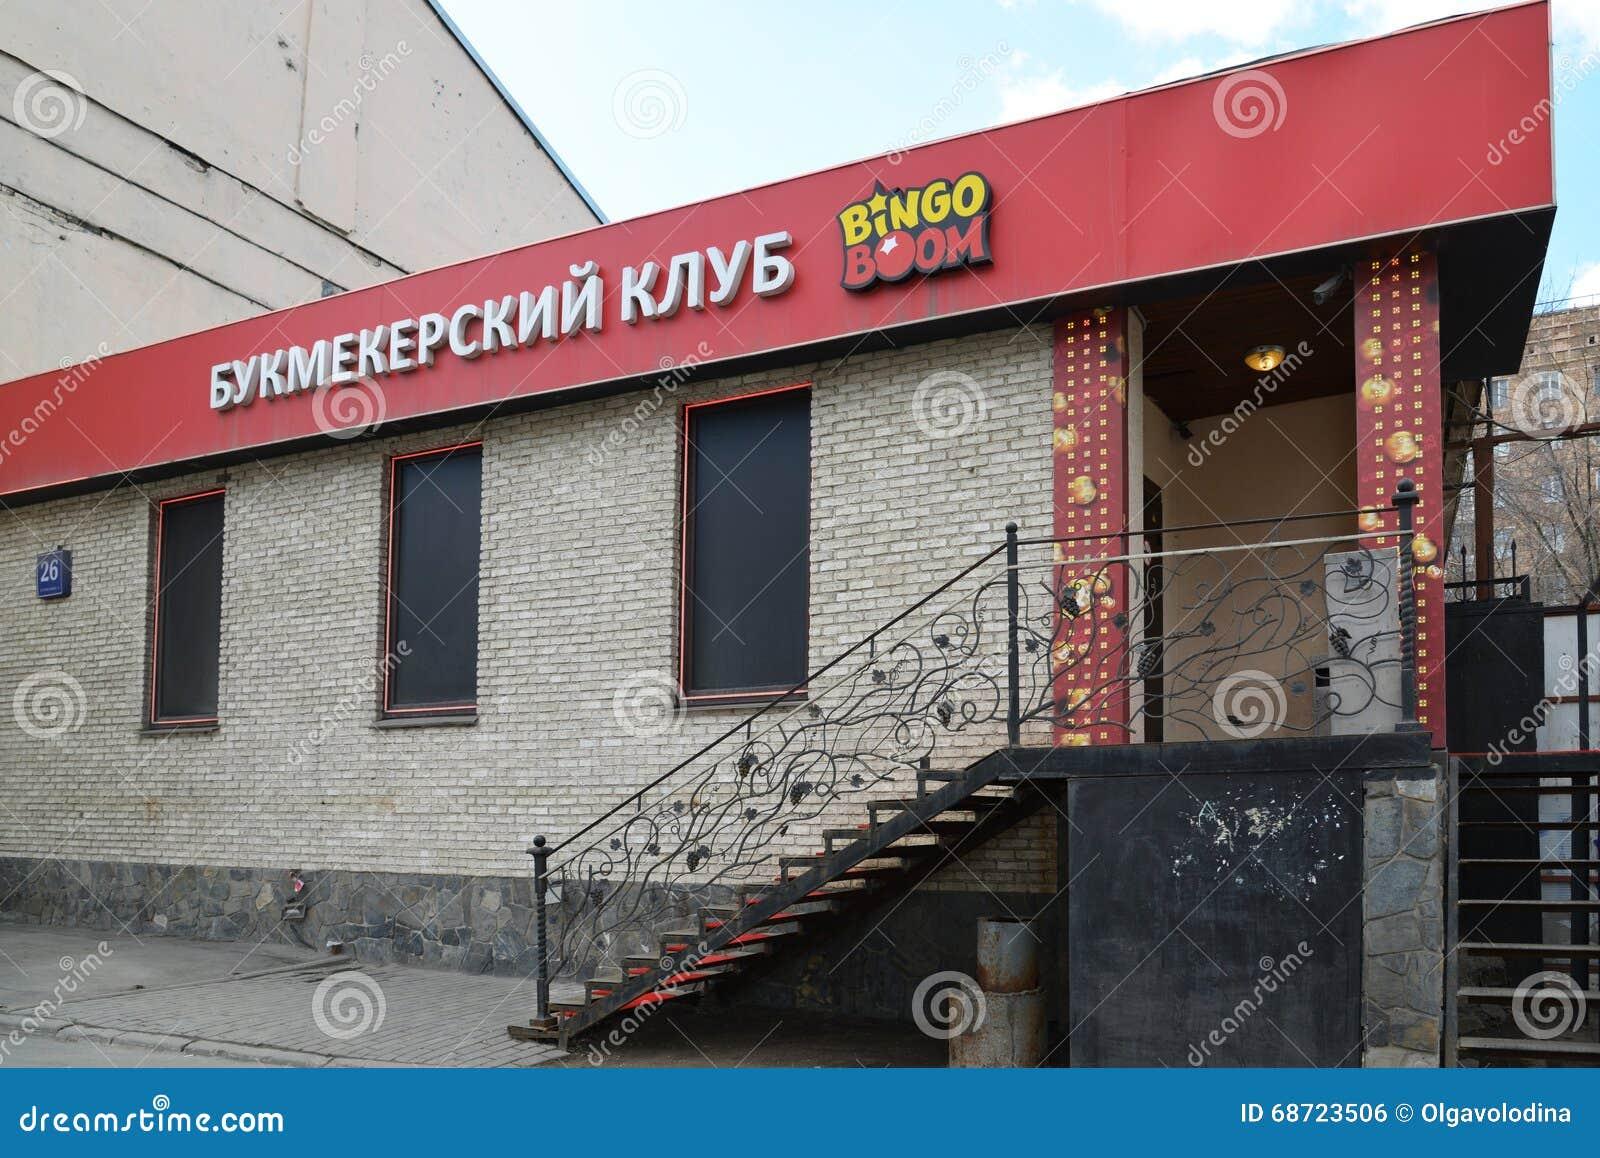 клуб бинго в москве